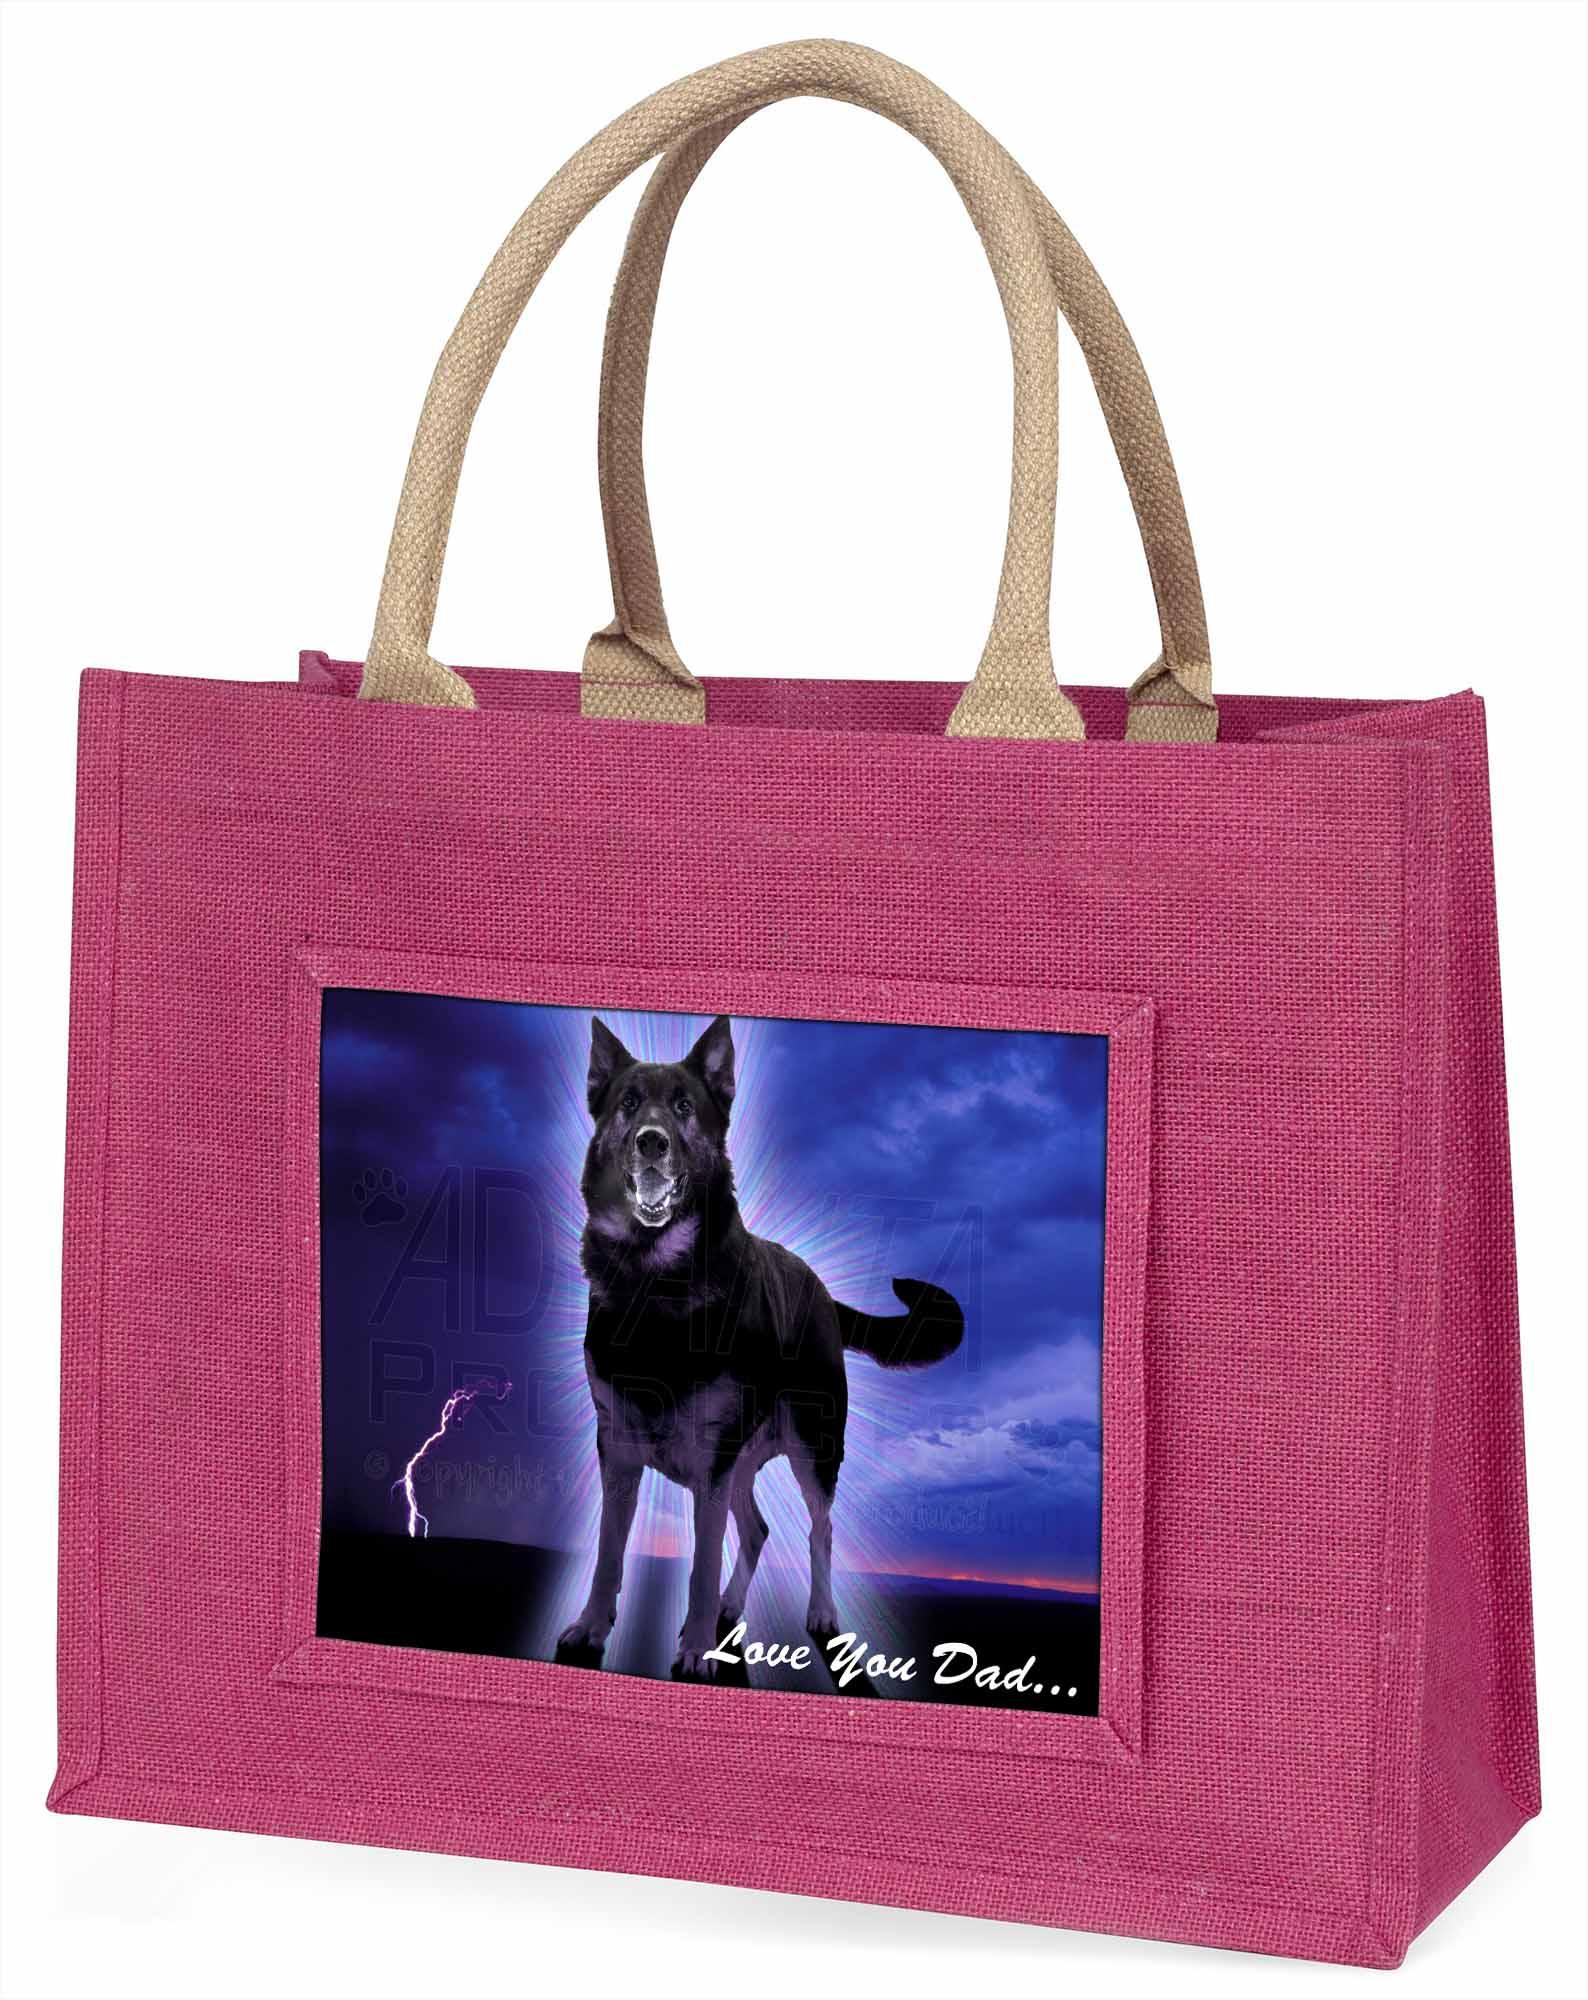 Schäferhund' liebe Dich Papa' große rosa Einkaufstasche Weihnachten Geschenk,